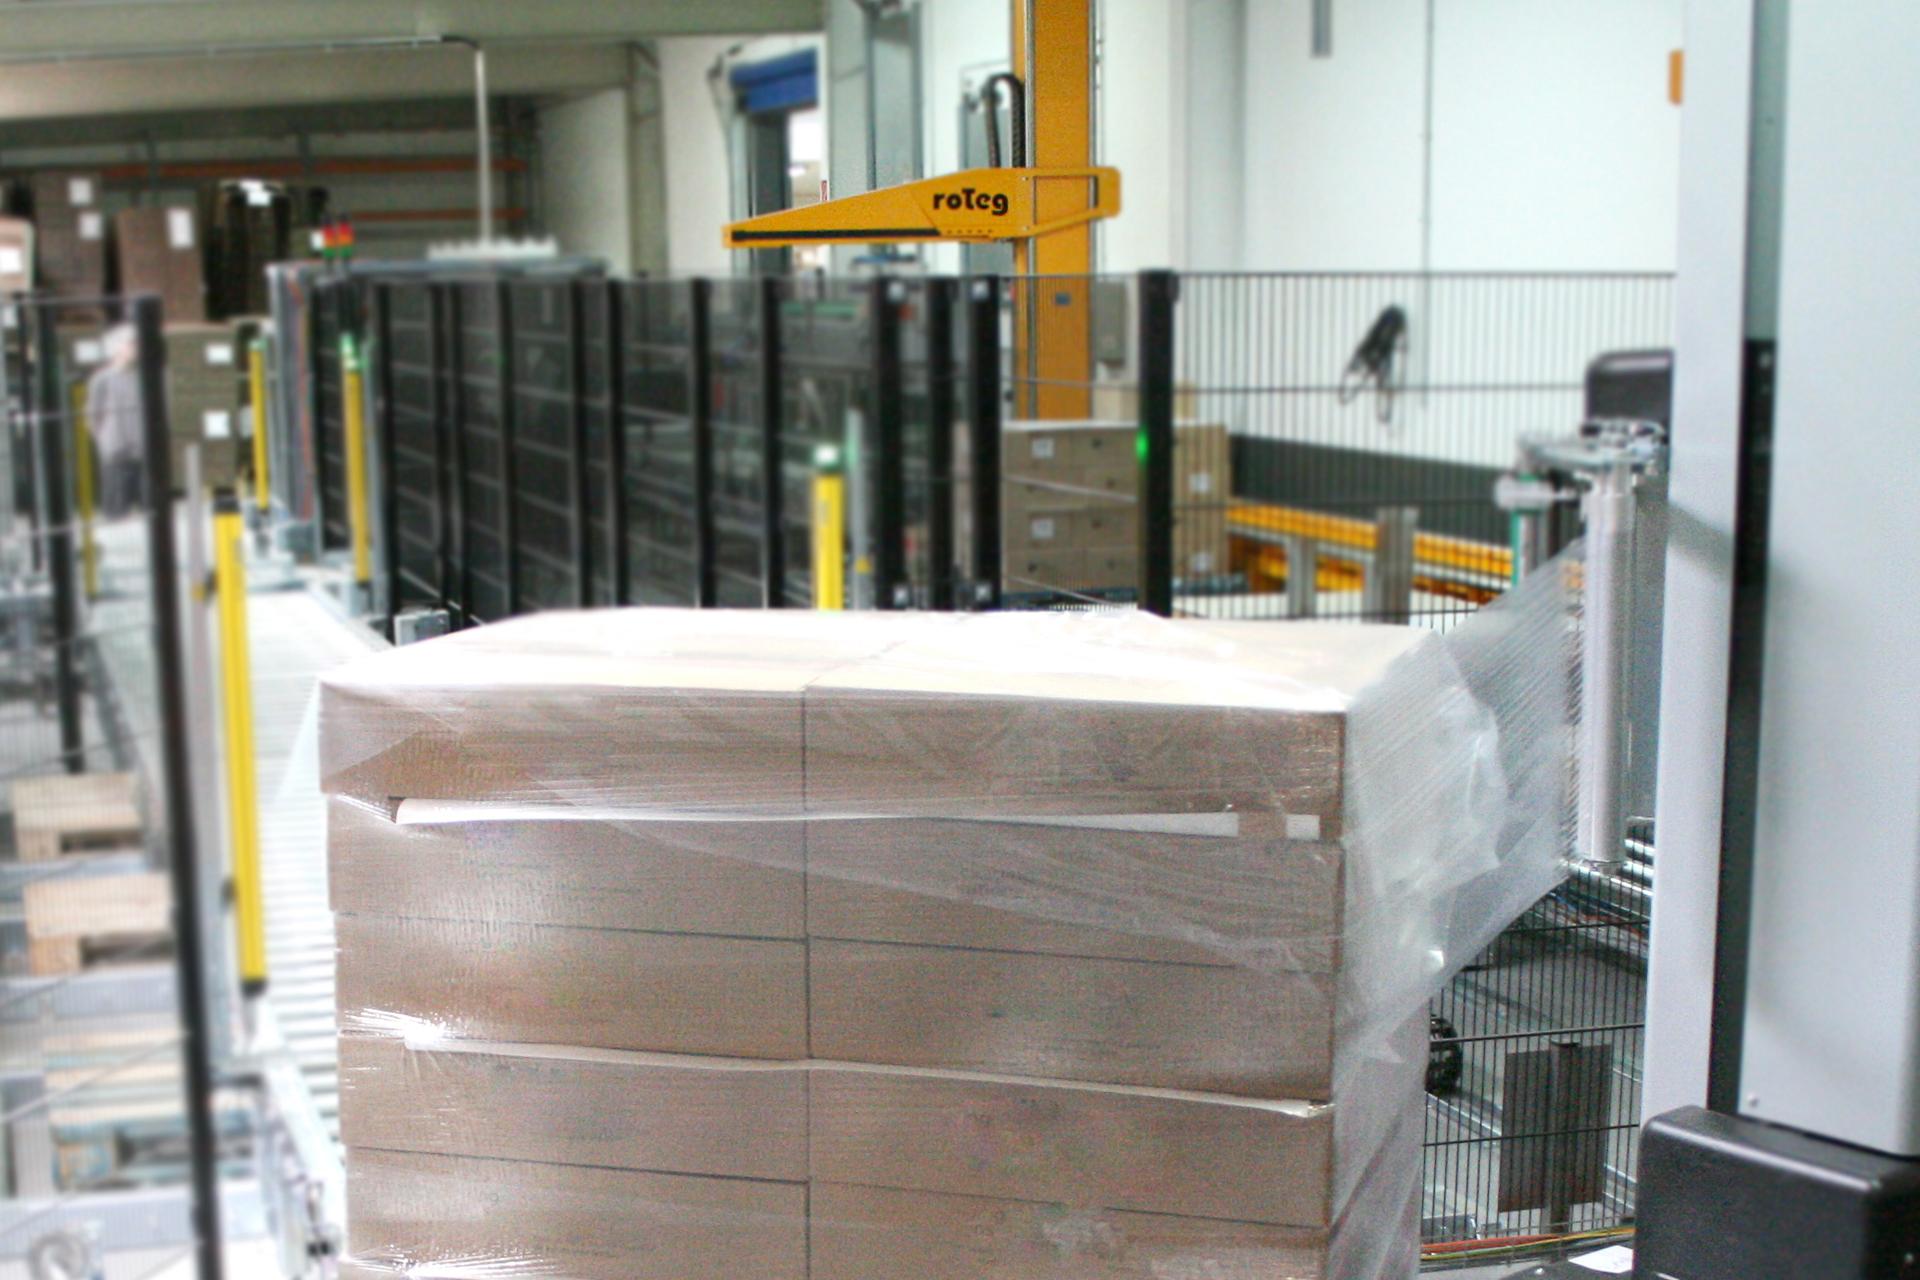 Die Anlagen der roTeg AG werden immer komplexer und effizienter